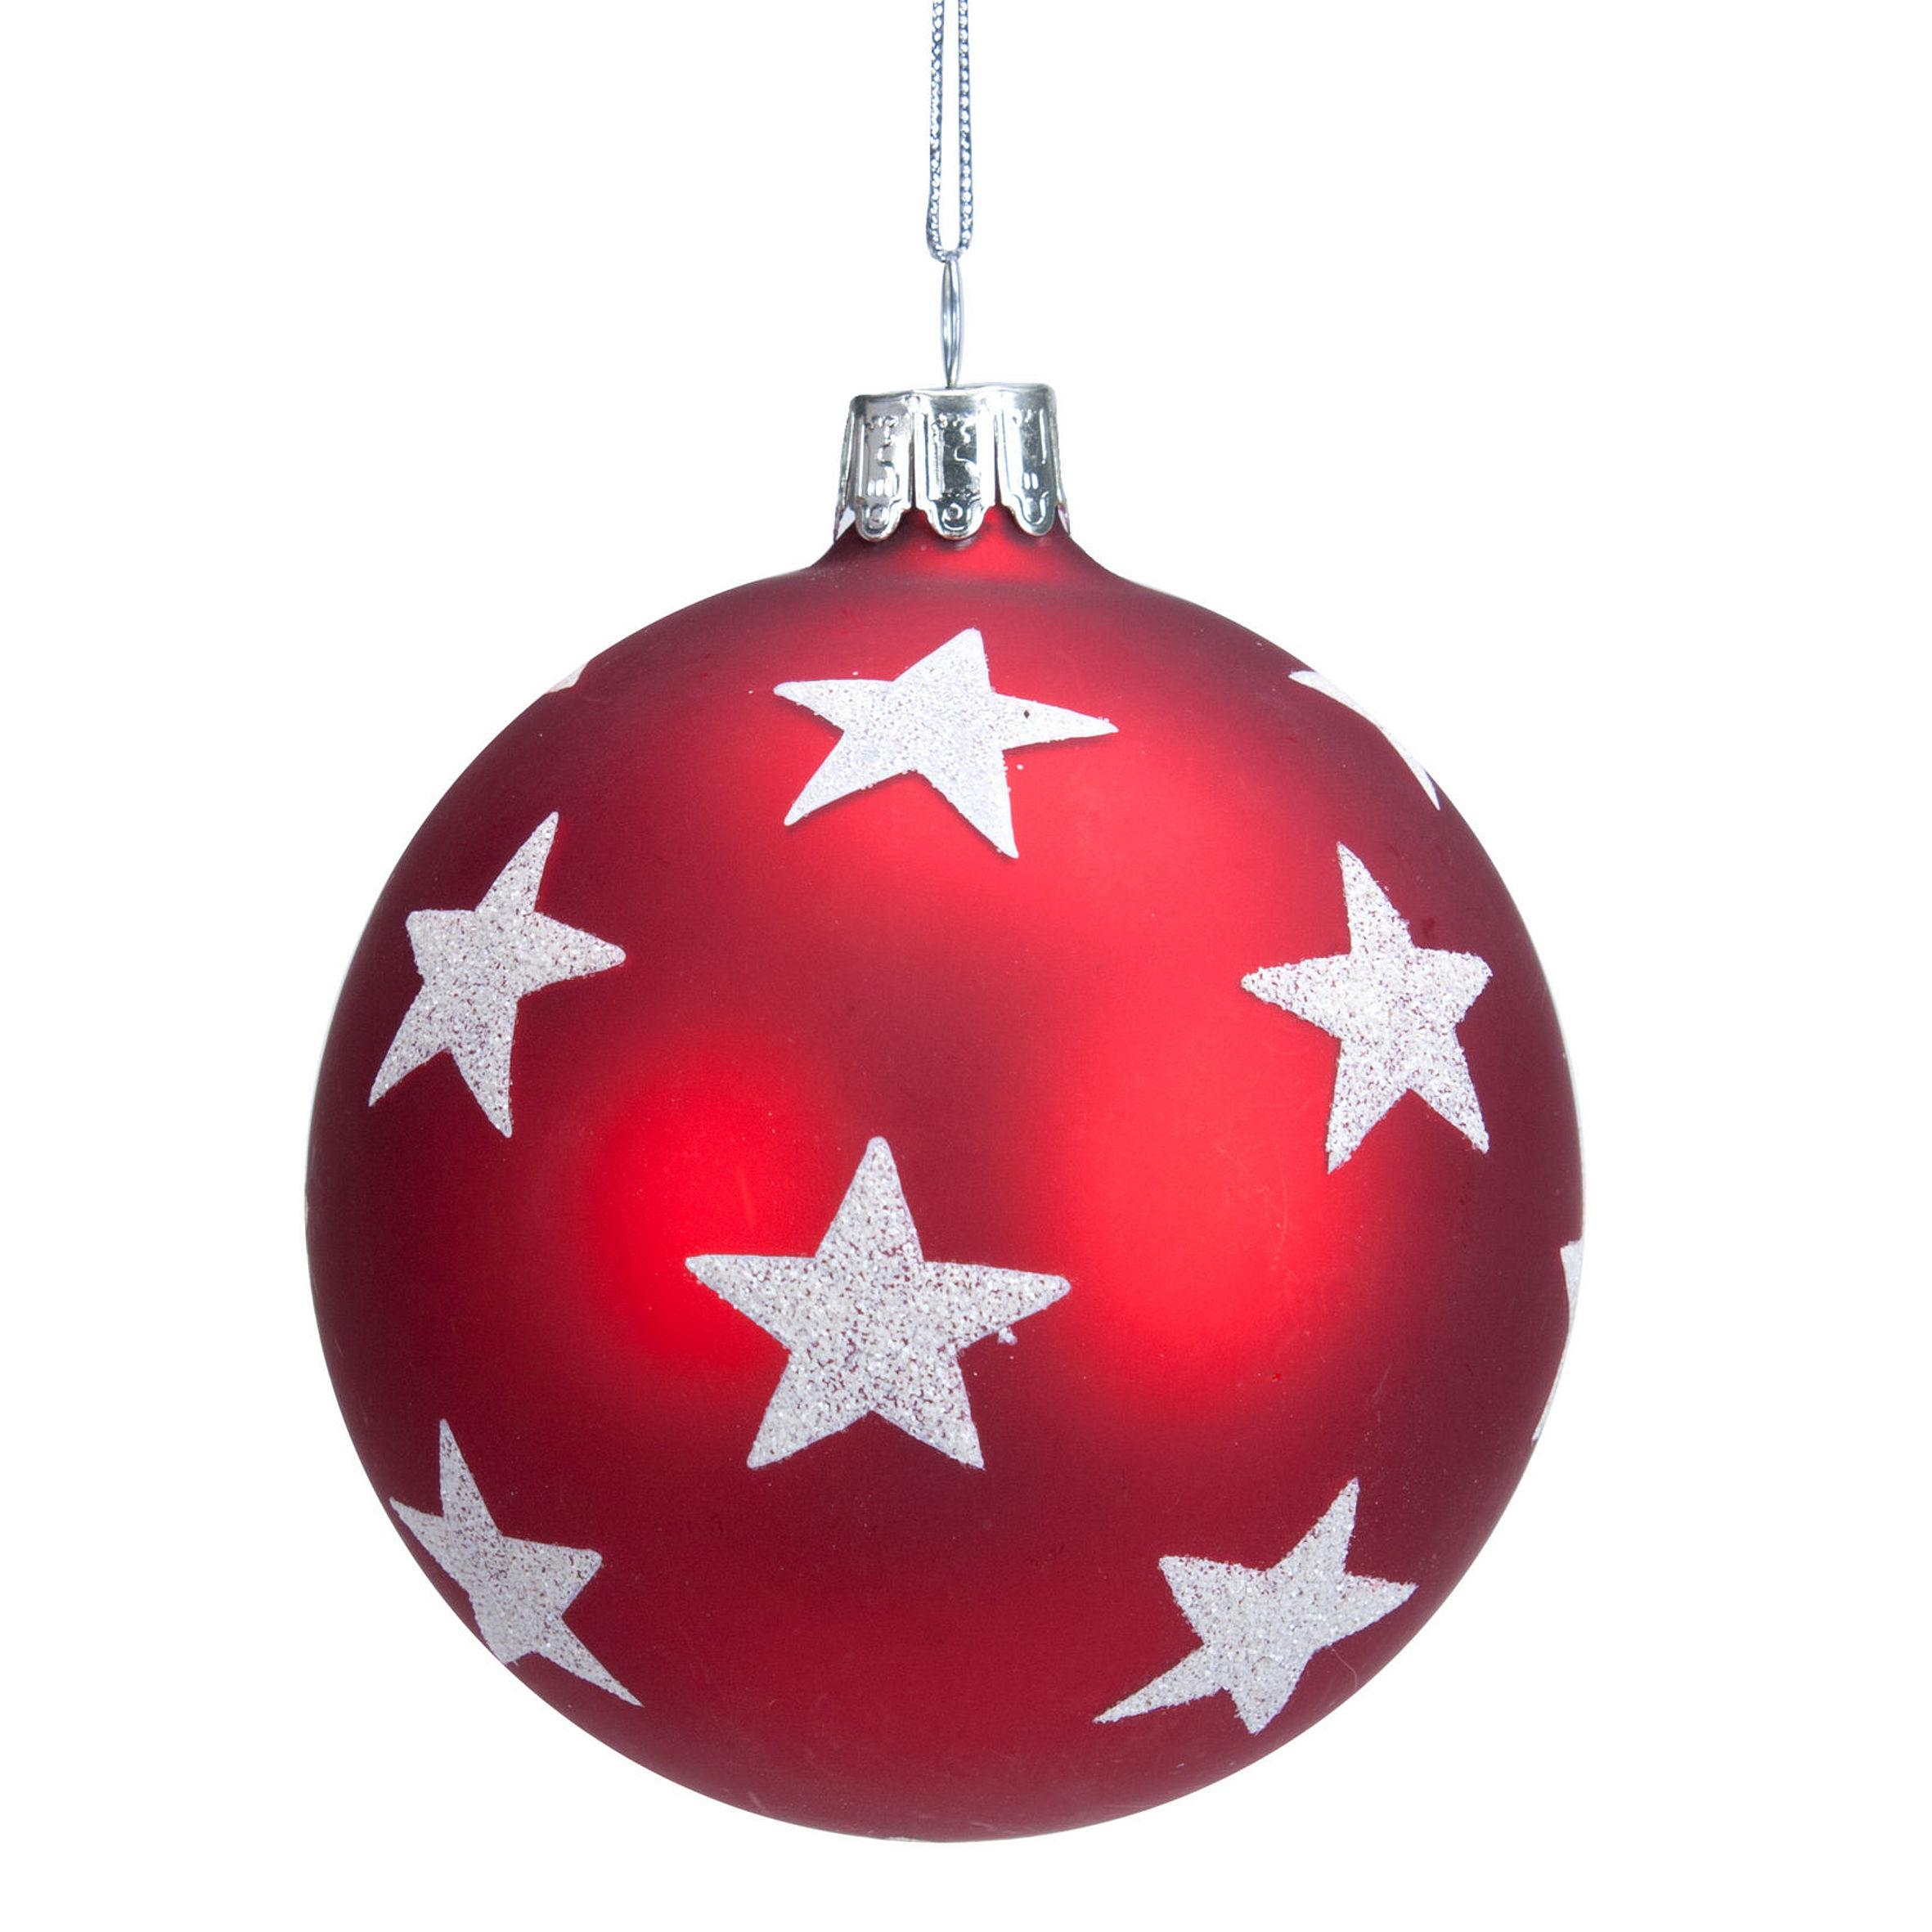 Mini Kunststoff Musikinstrument Gold Weihnachtsbaum hängen Xmas Decor TC HV